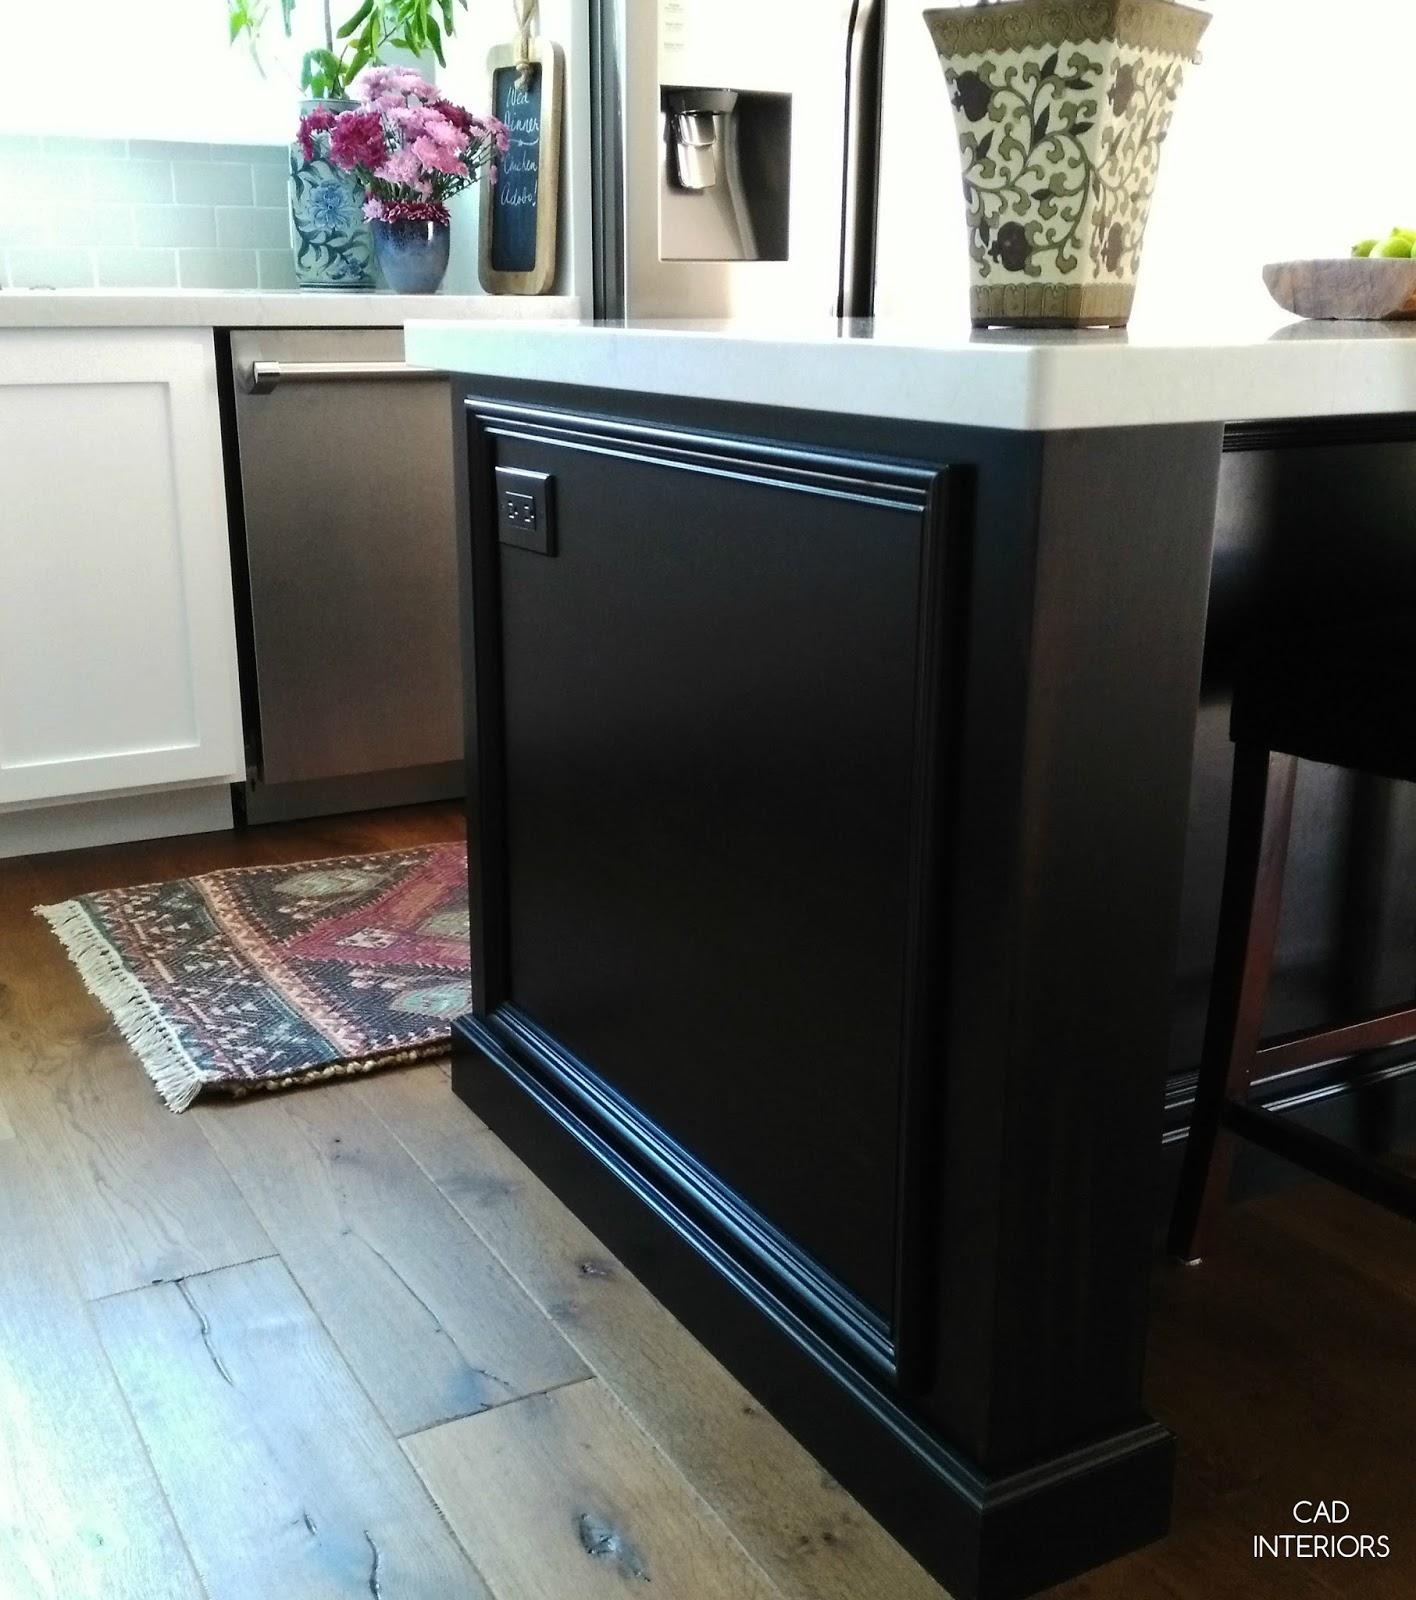 CAD INTERIORS kitchen renovation pental quartz slab counters